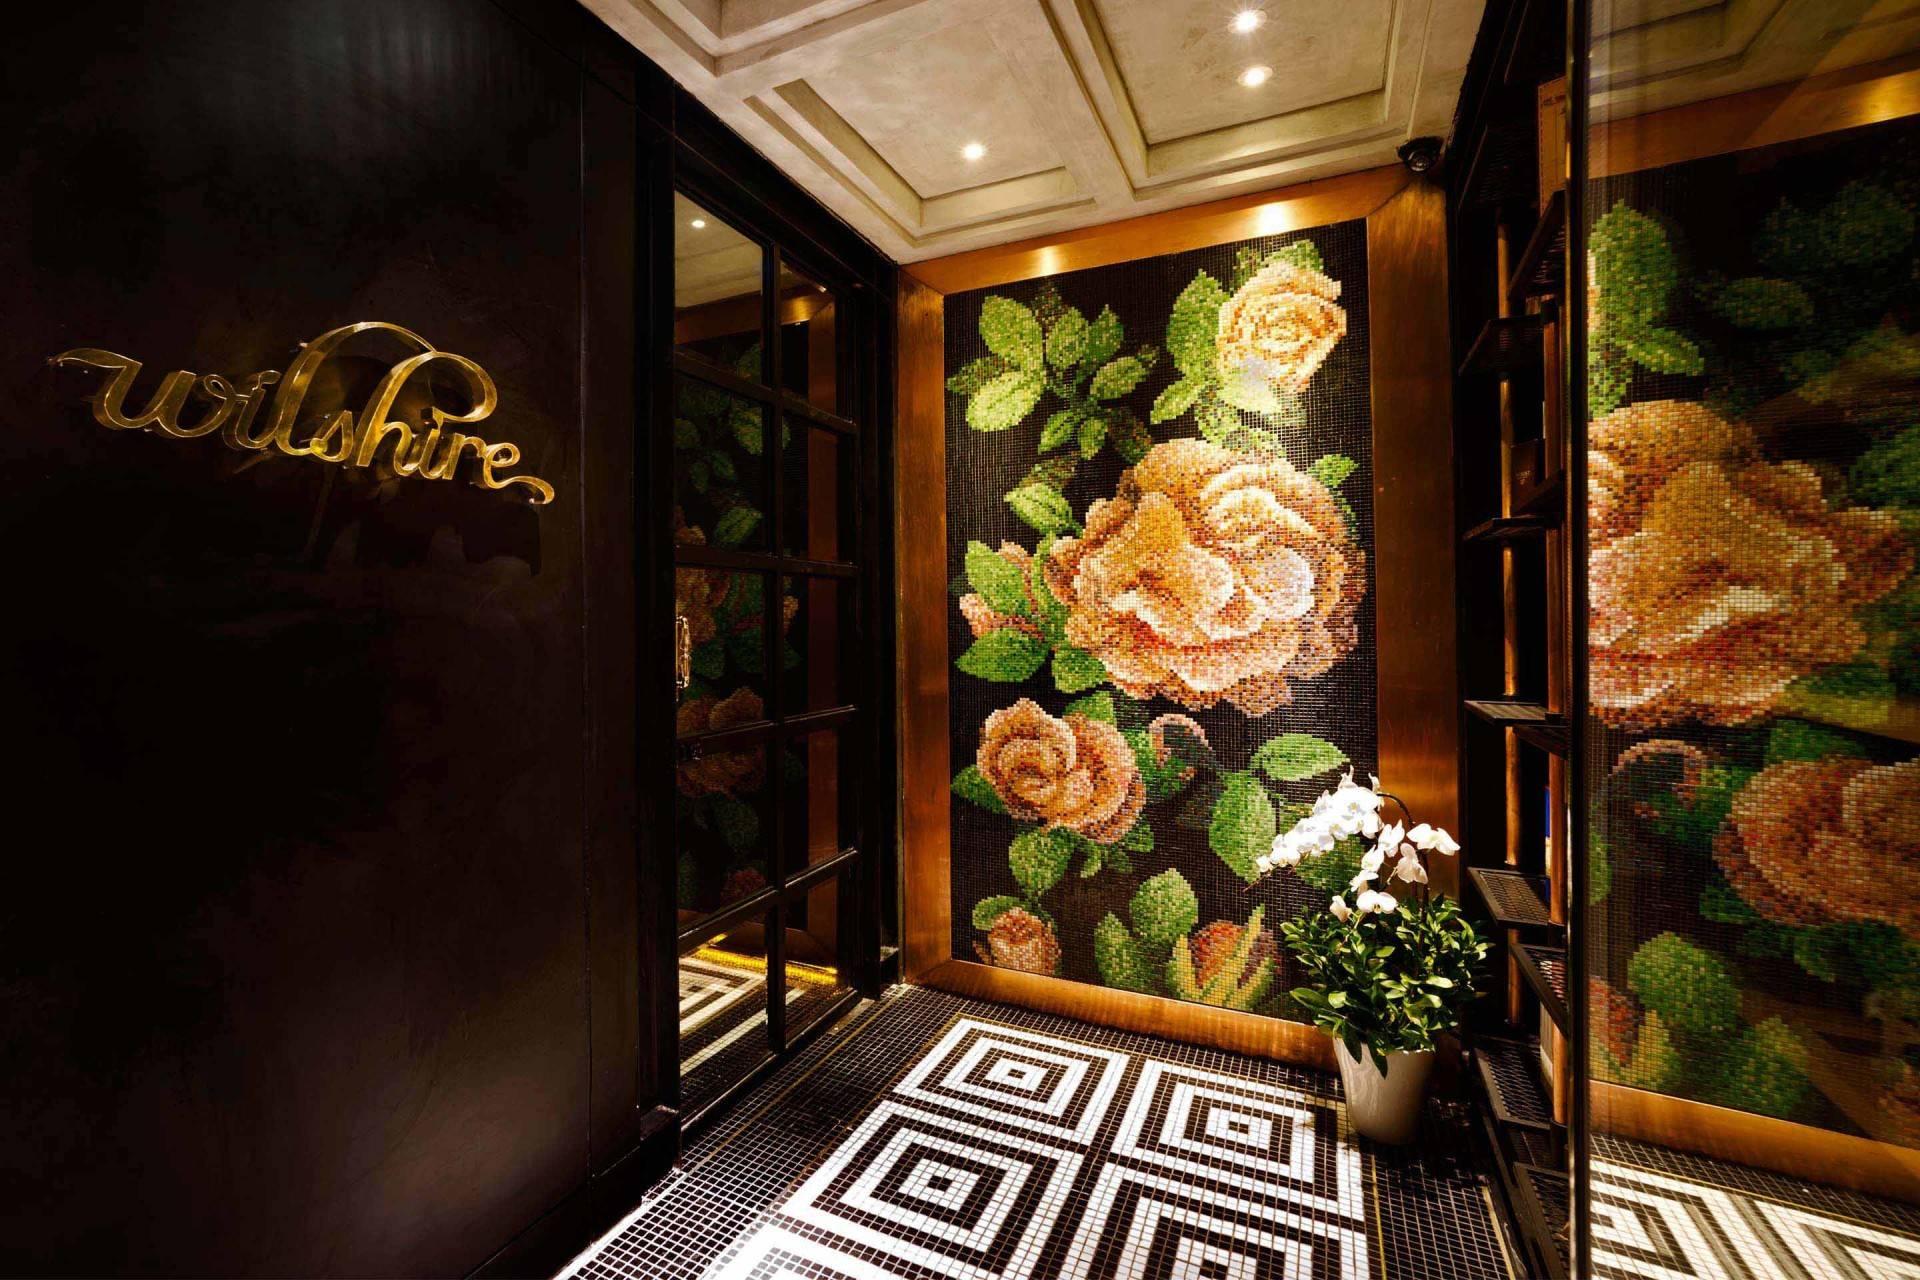 Leo Einstein Fransiscus Wilshire Restaurant Jakarta Senopati 64 - Jakarta Senopati 64 - Jakarta Foyer Klasik  7614